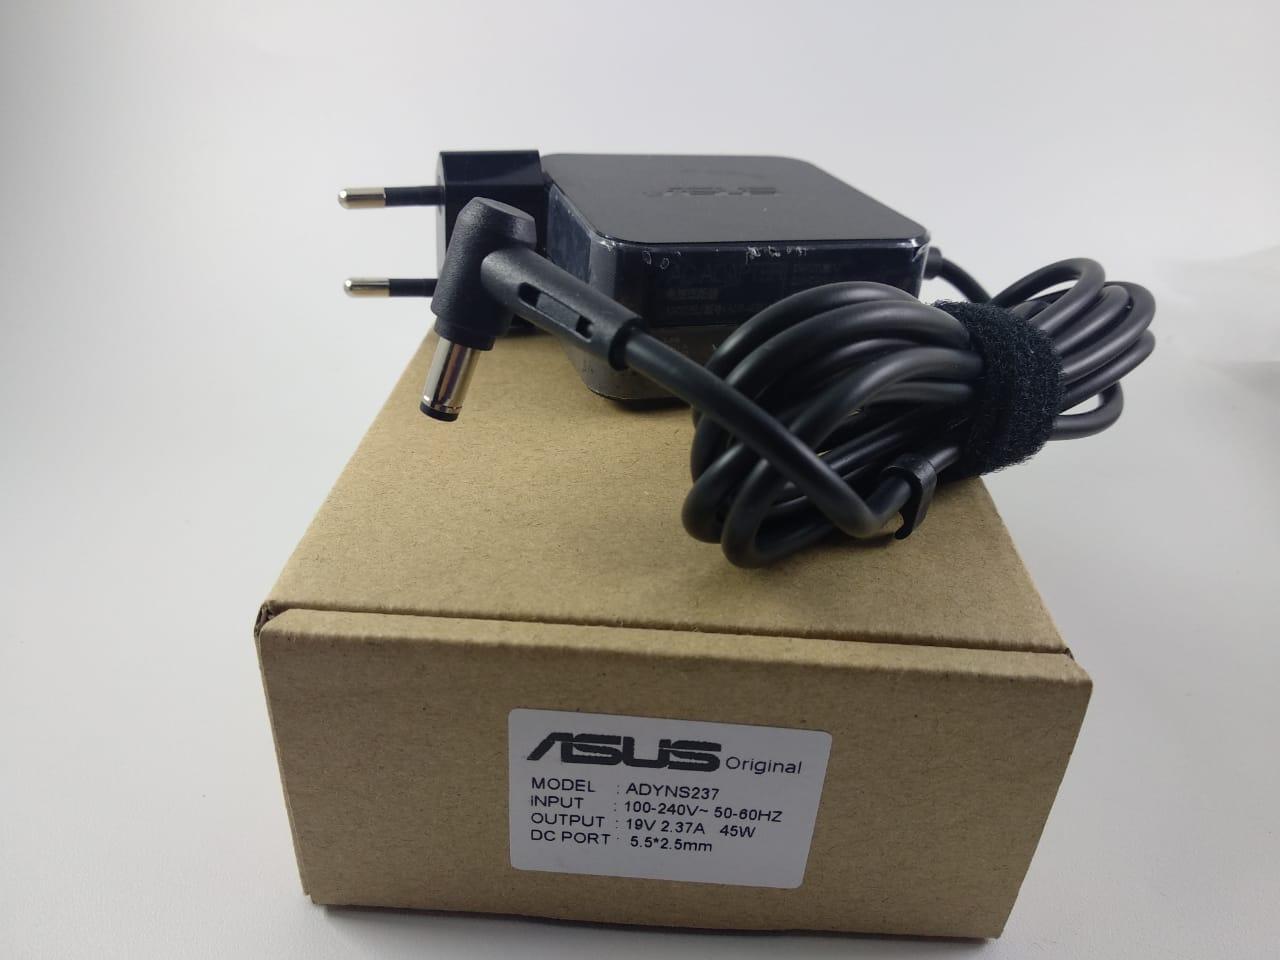 ASUS ORI Adaptor Charger Laptop ASUS 19V 2.37A / 5.5*2.5mm PETAK KOTAK 0101KLF, ADP-45BW 45W for Asus ASUS X451CA ASUS X450JN X551 X551C X551CA X551M X551MA X551MAV X750LA X501LA D550CA Series